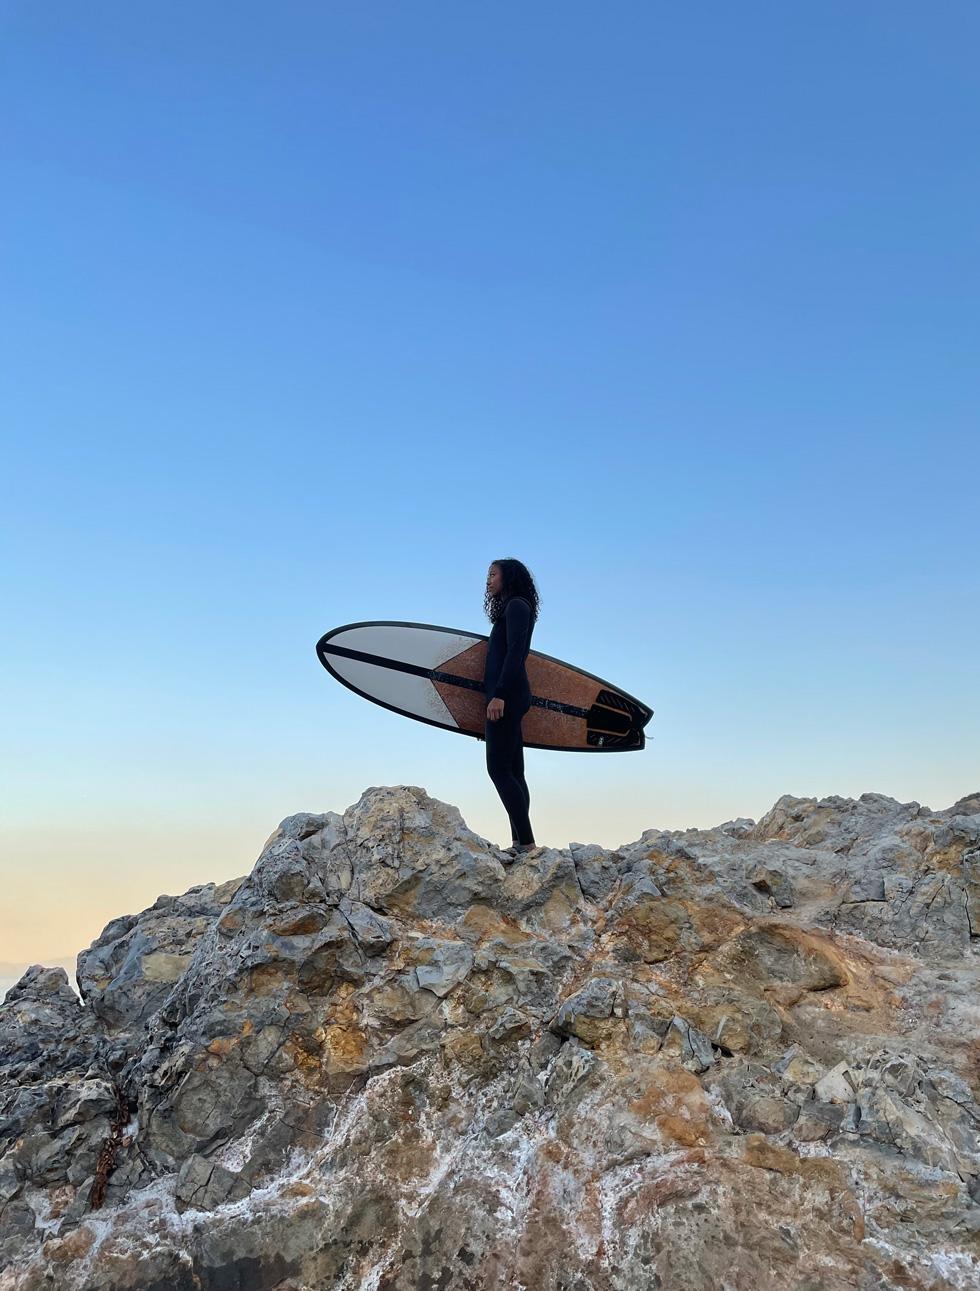 Marikah mit Surfbrett, stehend auf einem Felsvorsprung.